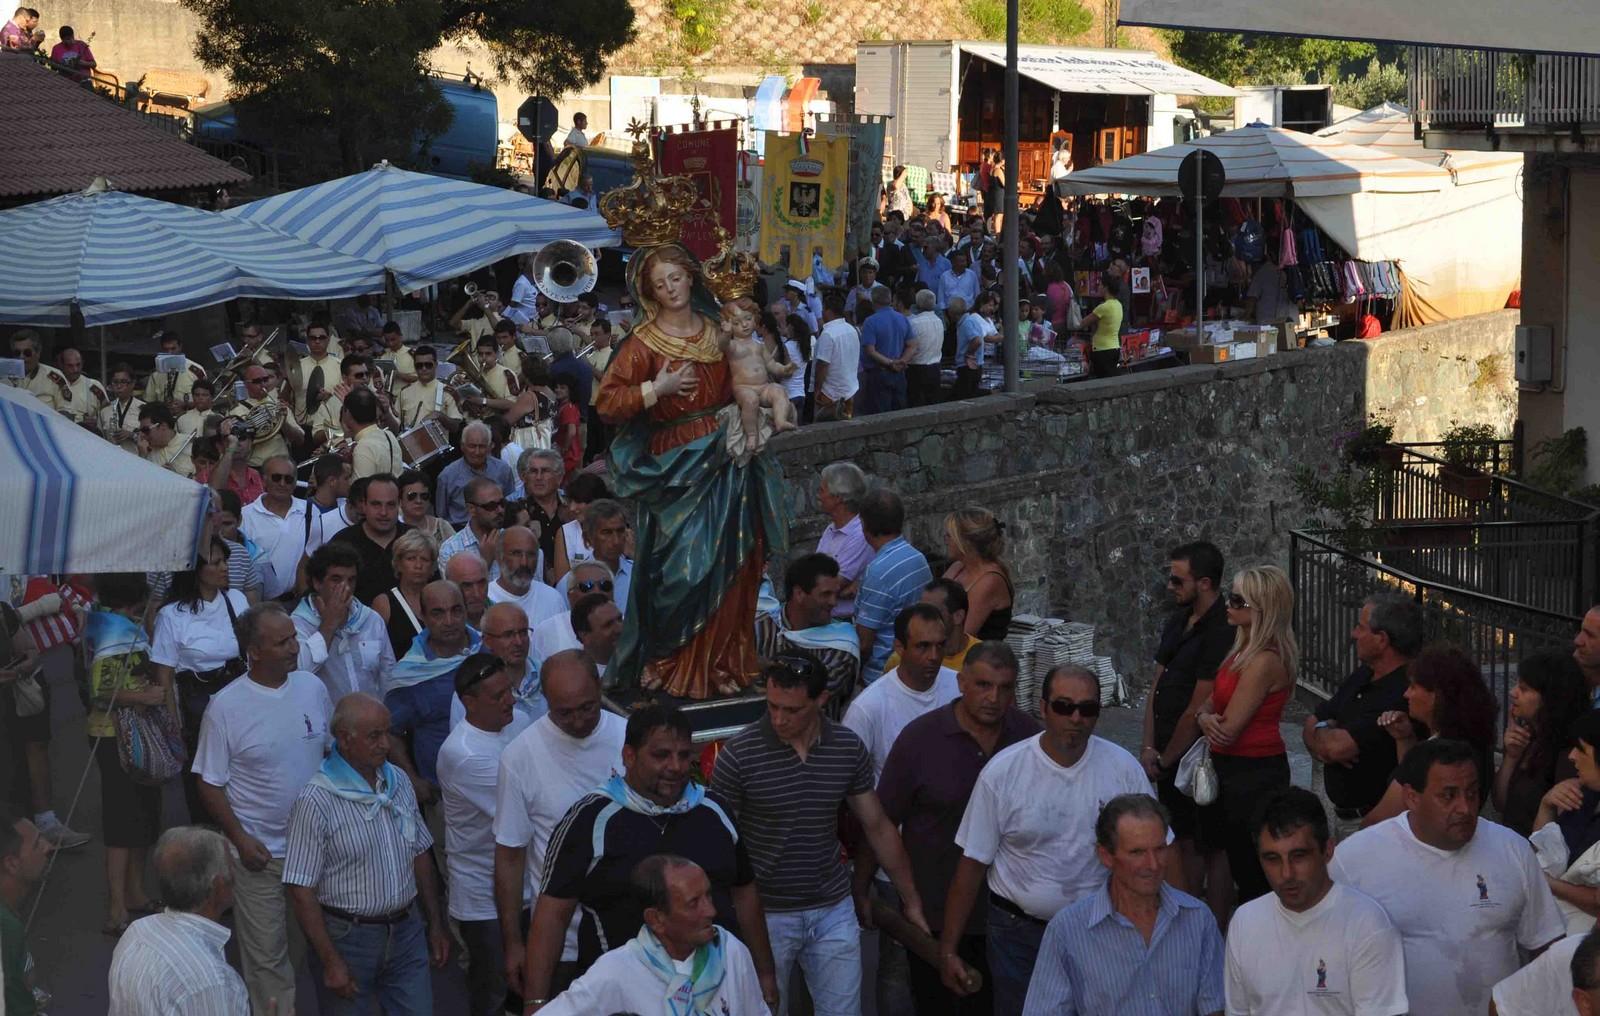 Apareció y Sanó a Muchos: Nuestra Señora del Roble de Conflenti, Italia (7 de junio)